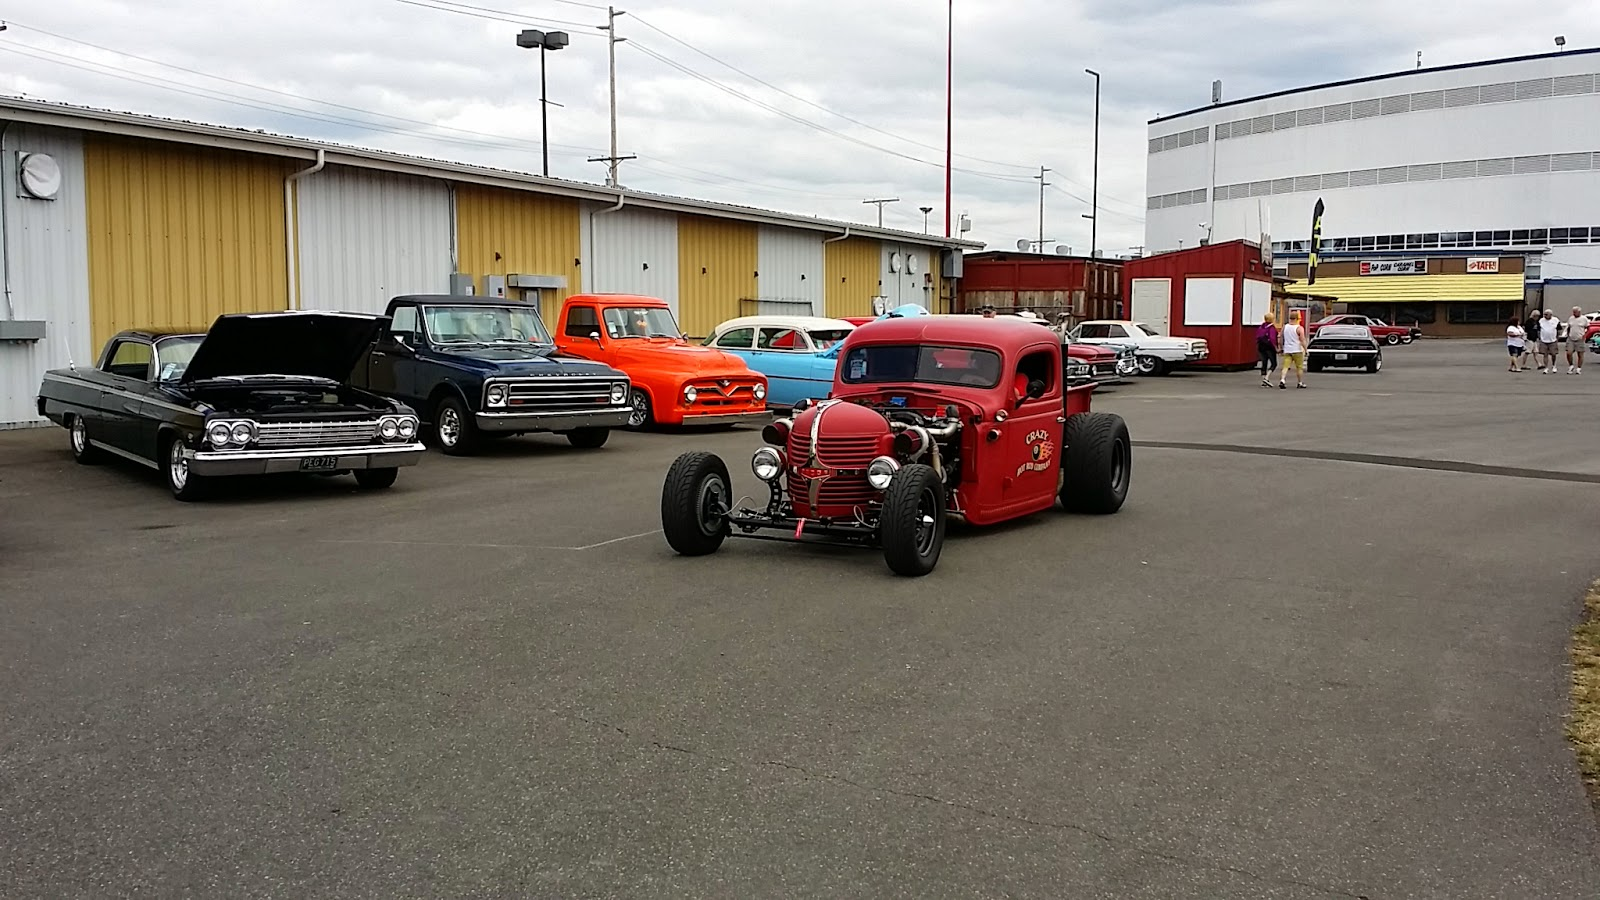 The Good Guys Car Show Puyallup Wa